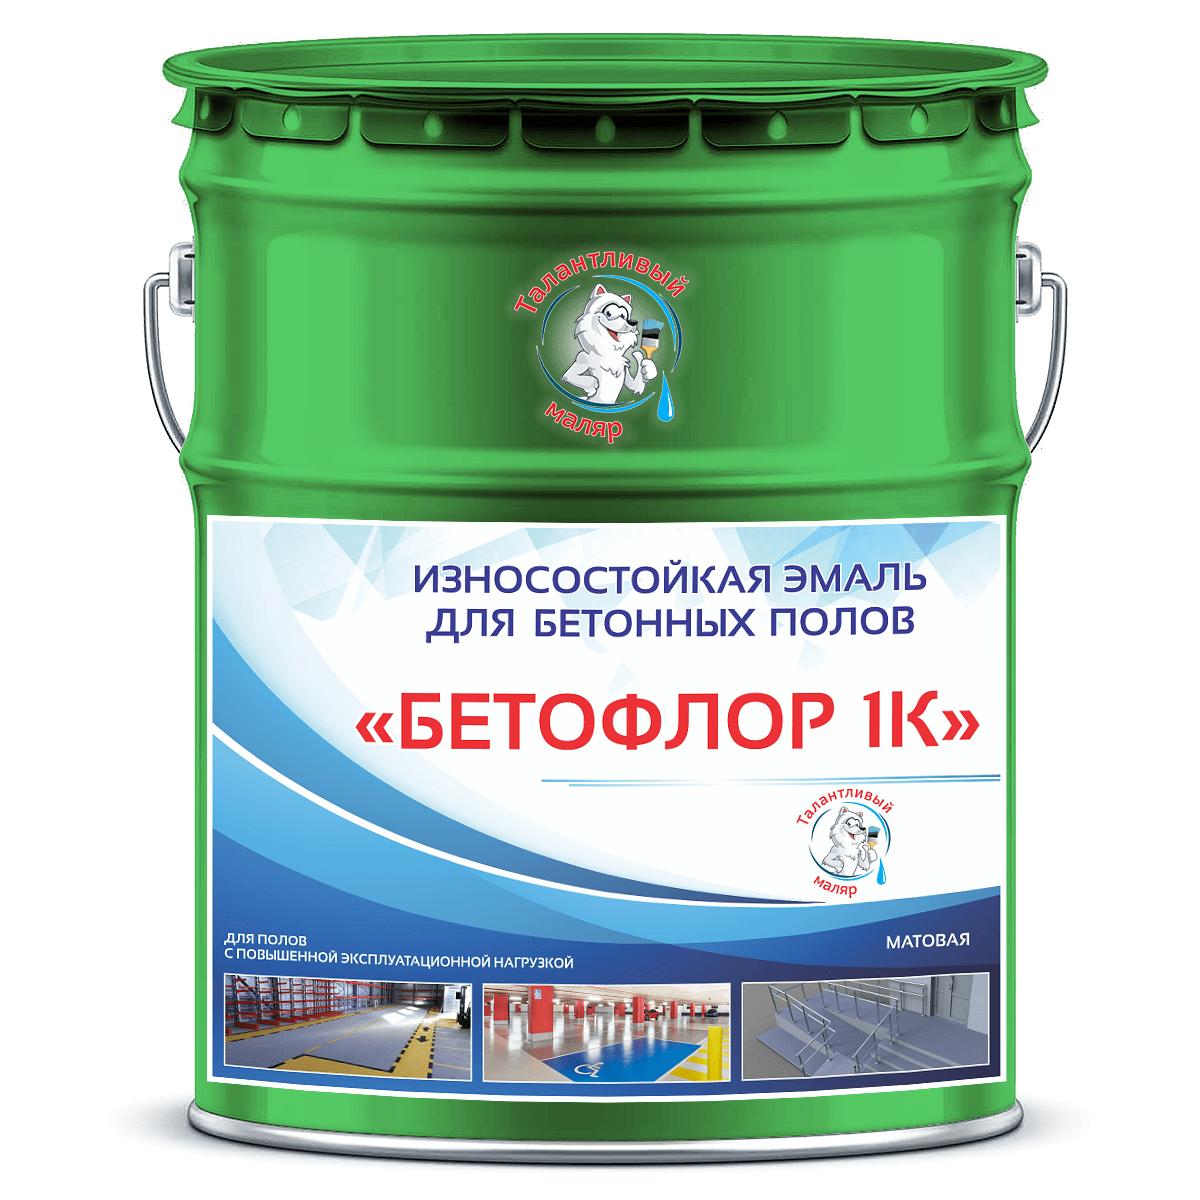 """Фото 3 - BF6002 Эмаль для бетонных полов """"Бетофлор"""" 1К цвет RAL 6002 Зеленый лист, матовая износостойкая, 25 кг """"Талантливый Маляр""""."""